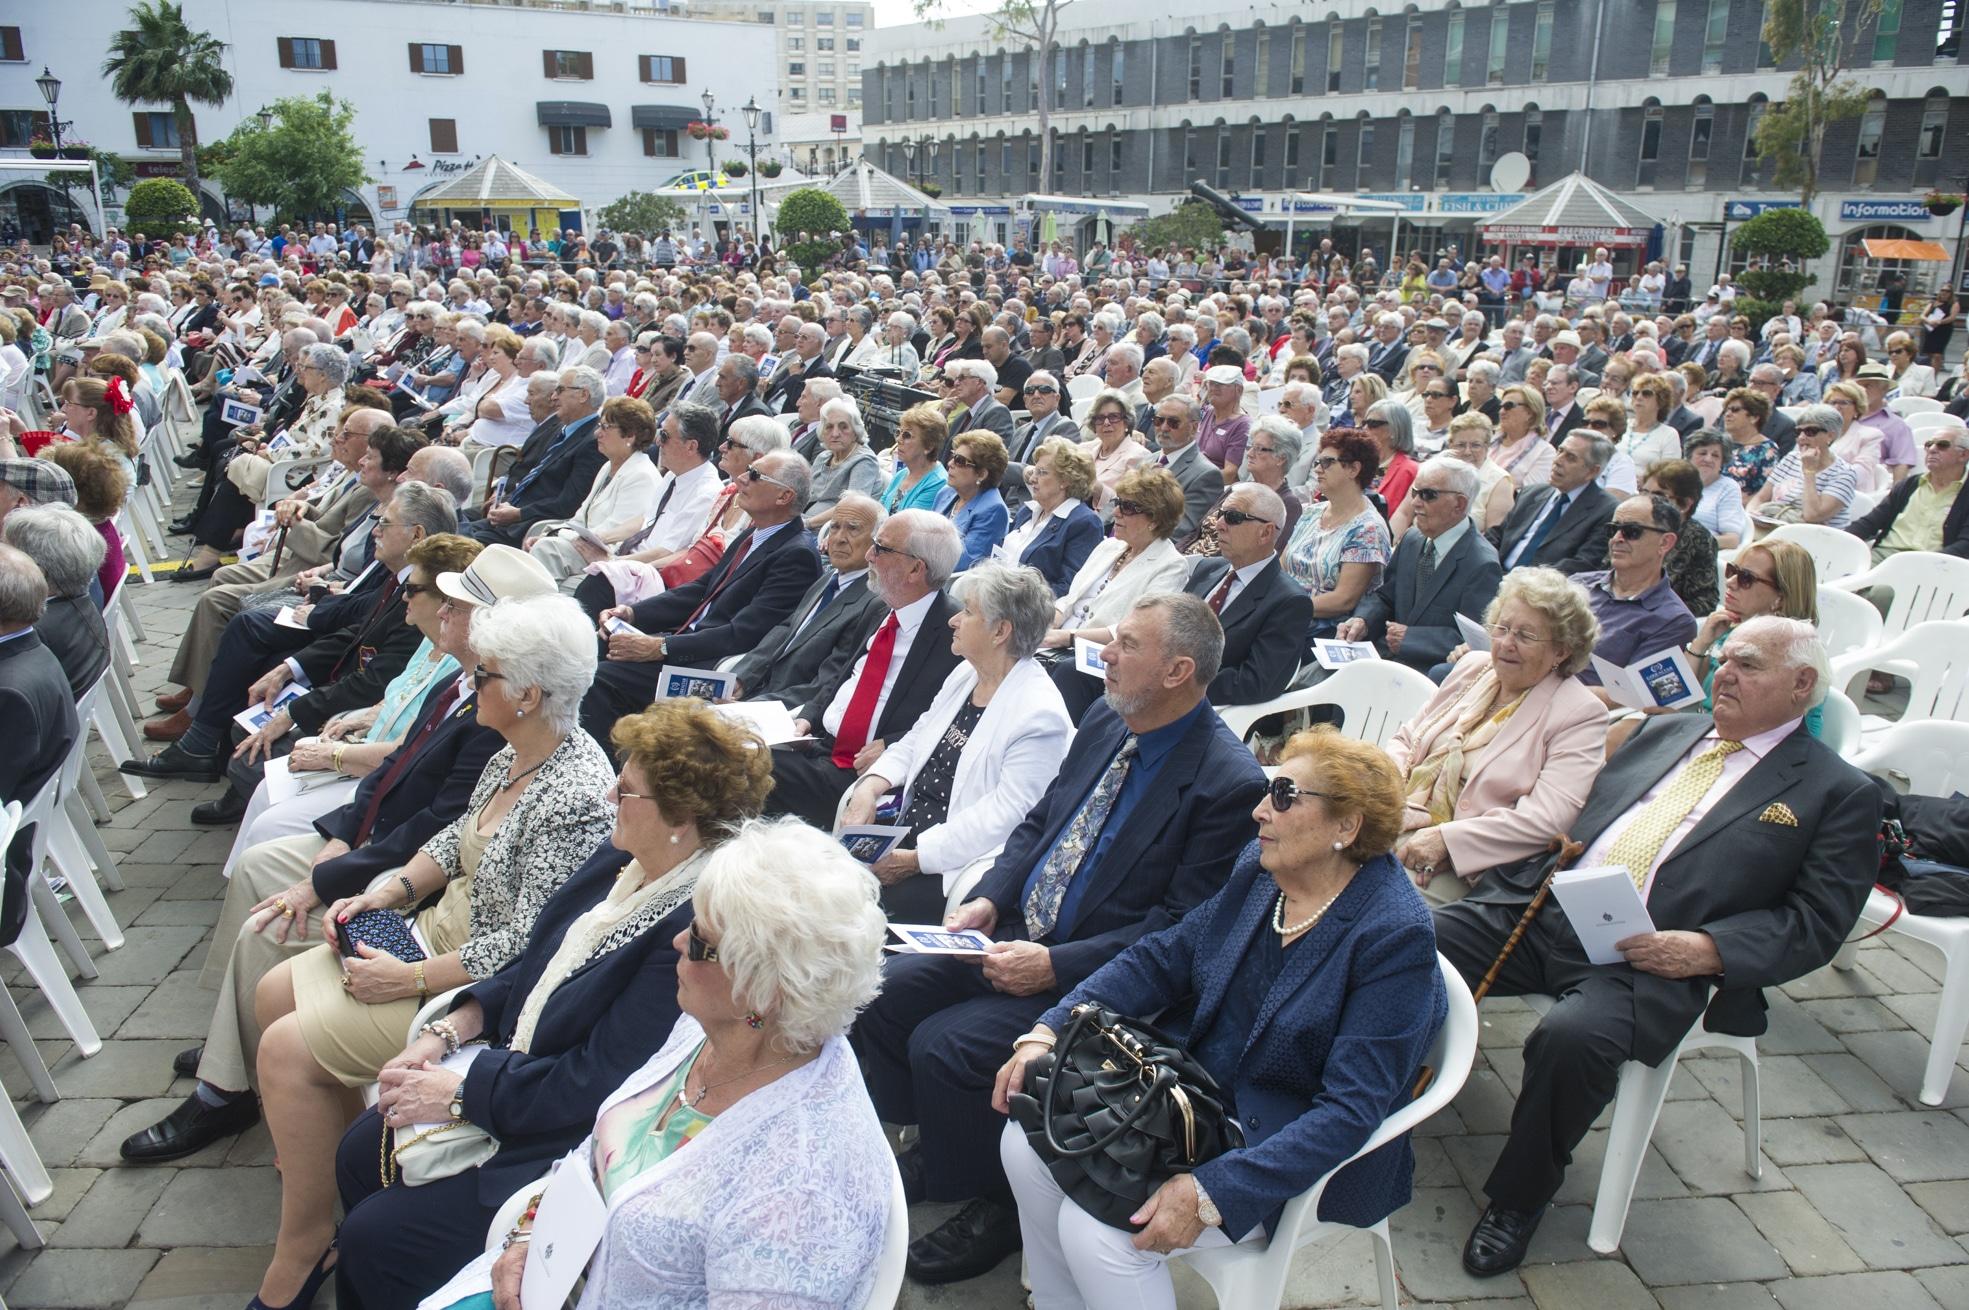 ceremonia-75-anos-evacuacion-gibraltar-22052015-31_17992043152_o